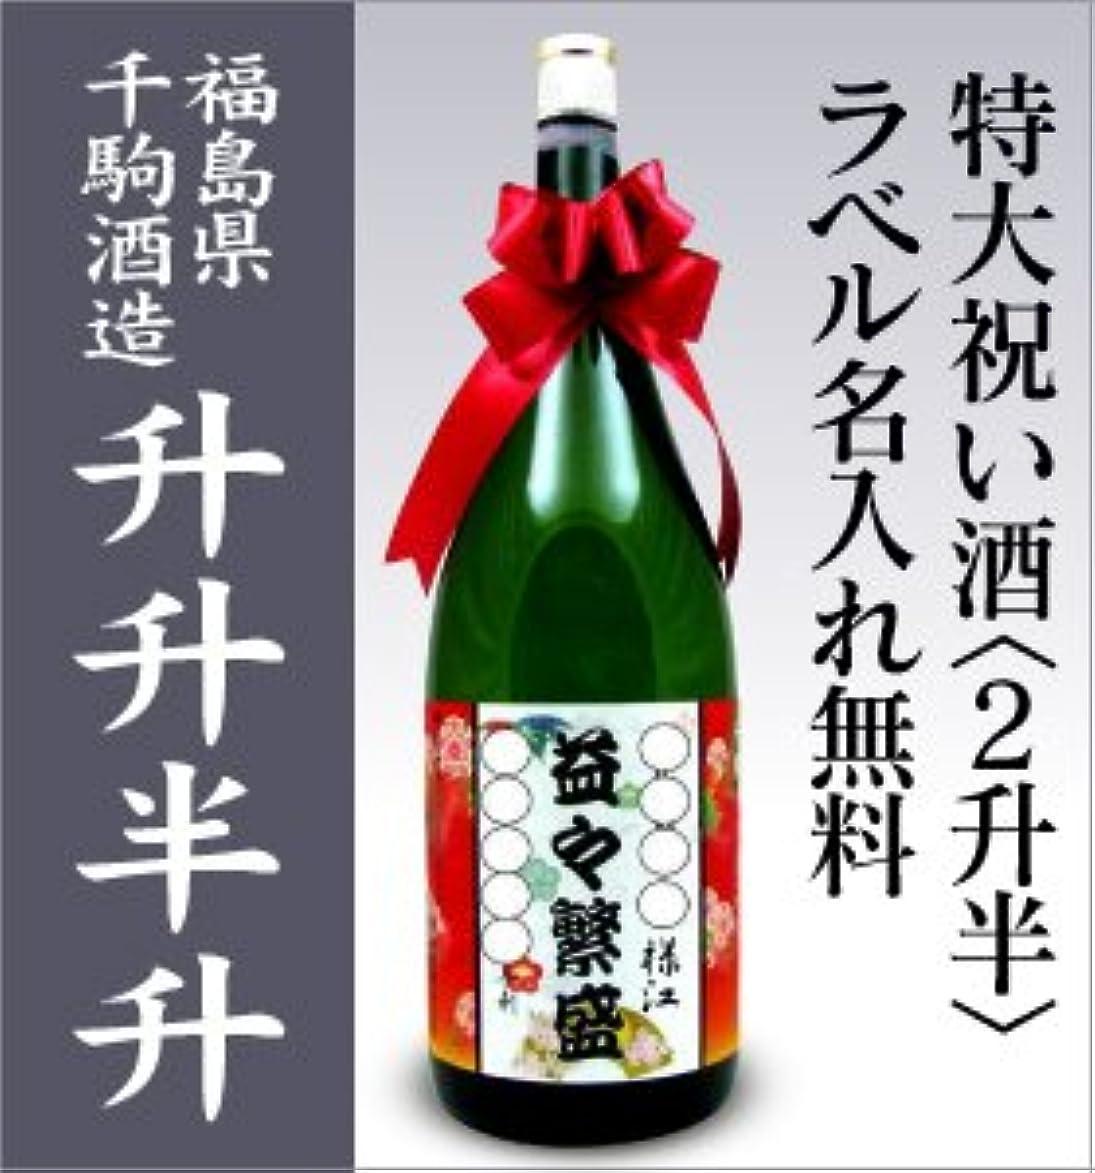 銅に対処する推定ラベル名入れ可 特大日本酒「益々繁盛ラベル」4500ml箱入り